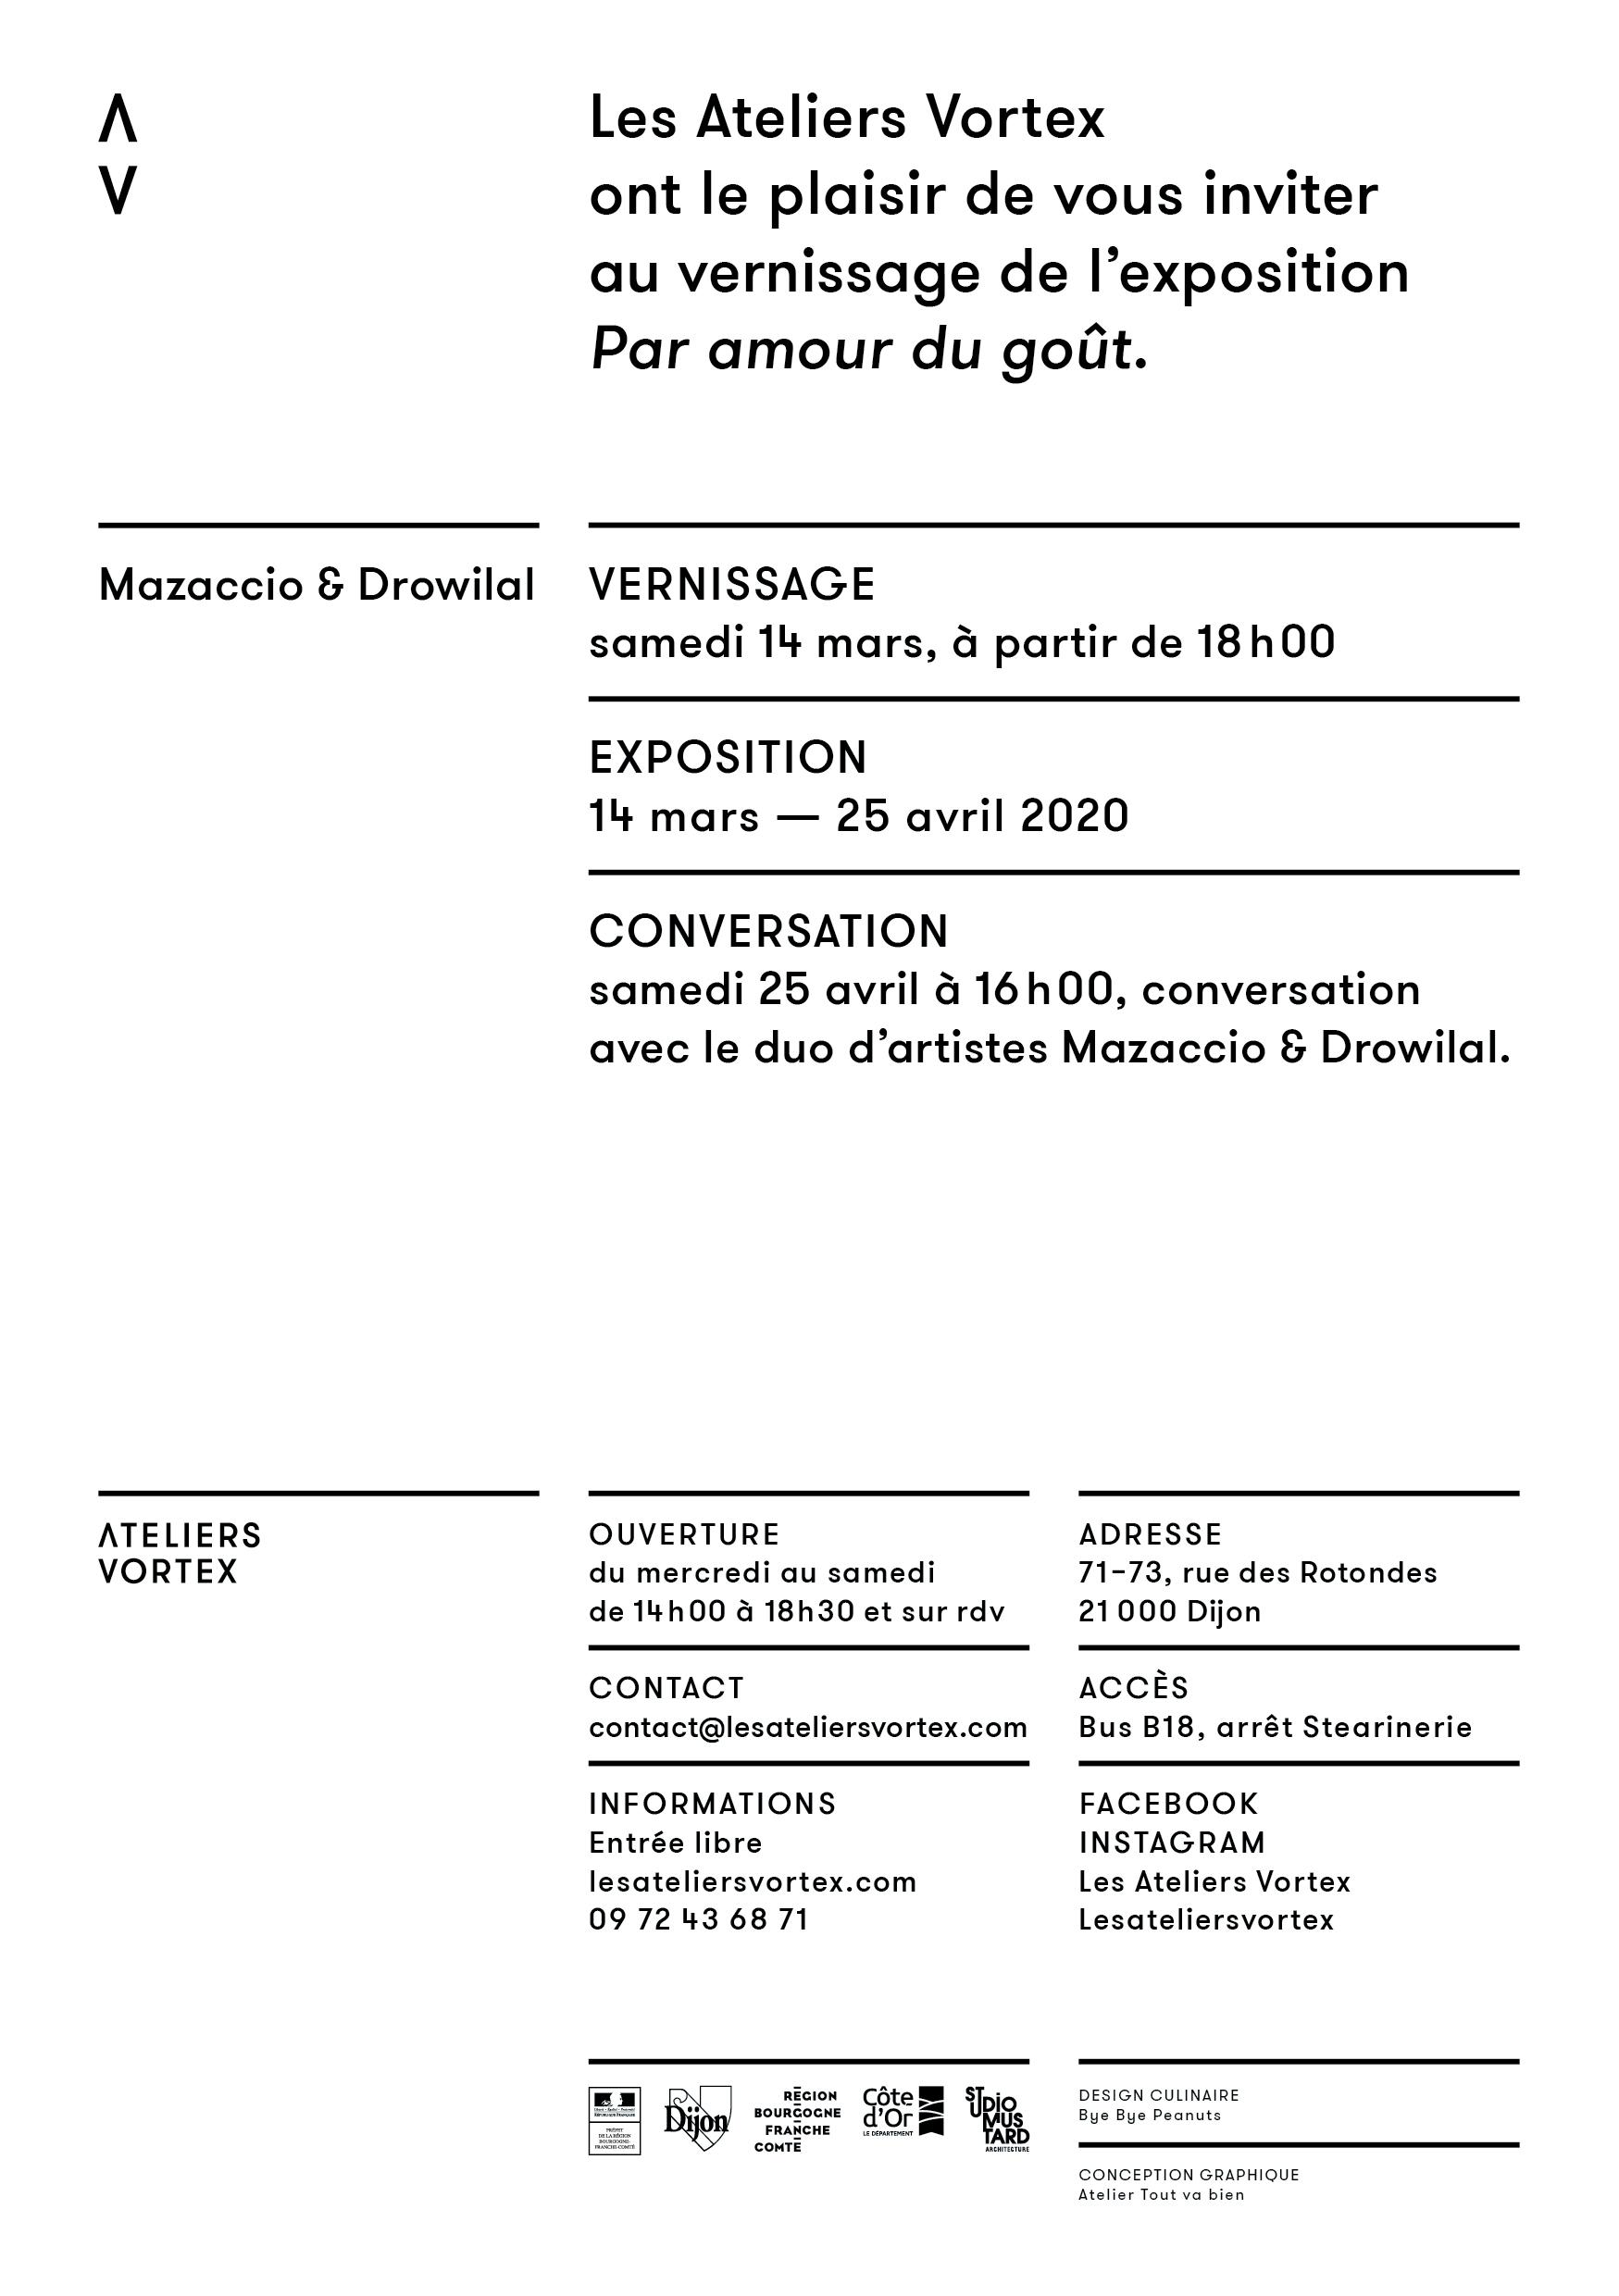 Exposition Par amour du gout de Mazaccio et Drowilal aux Ateliers Vortex